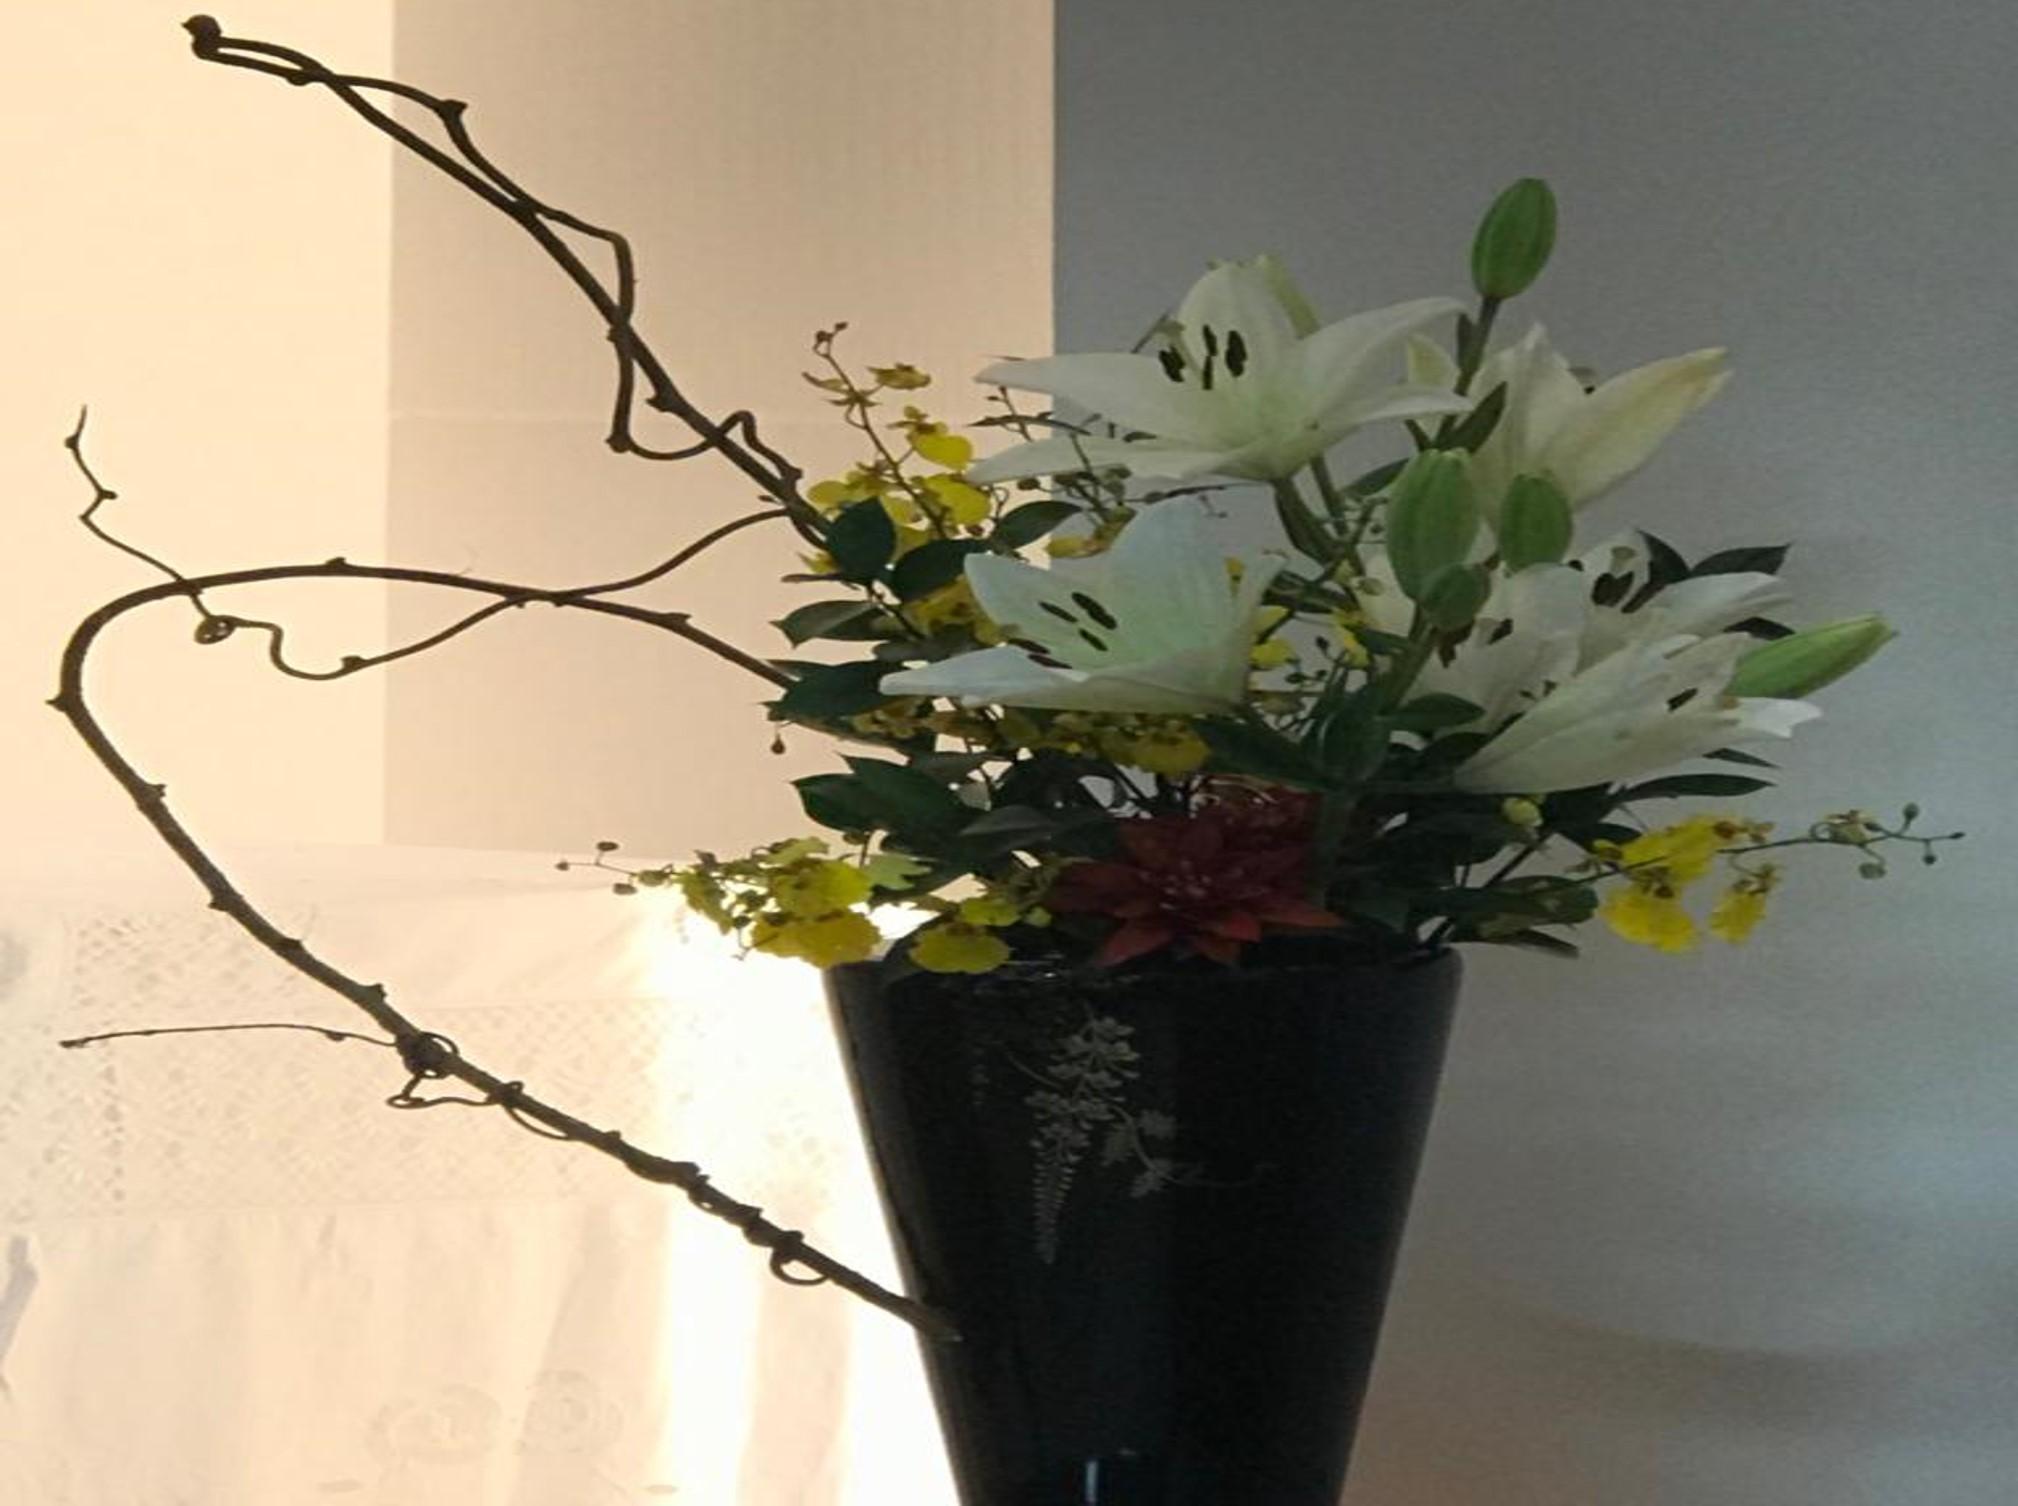 Cerimônia da Primeira Flor do Ano é celebrada no Johrei Center Piratininga (RJ)